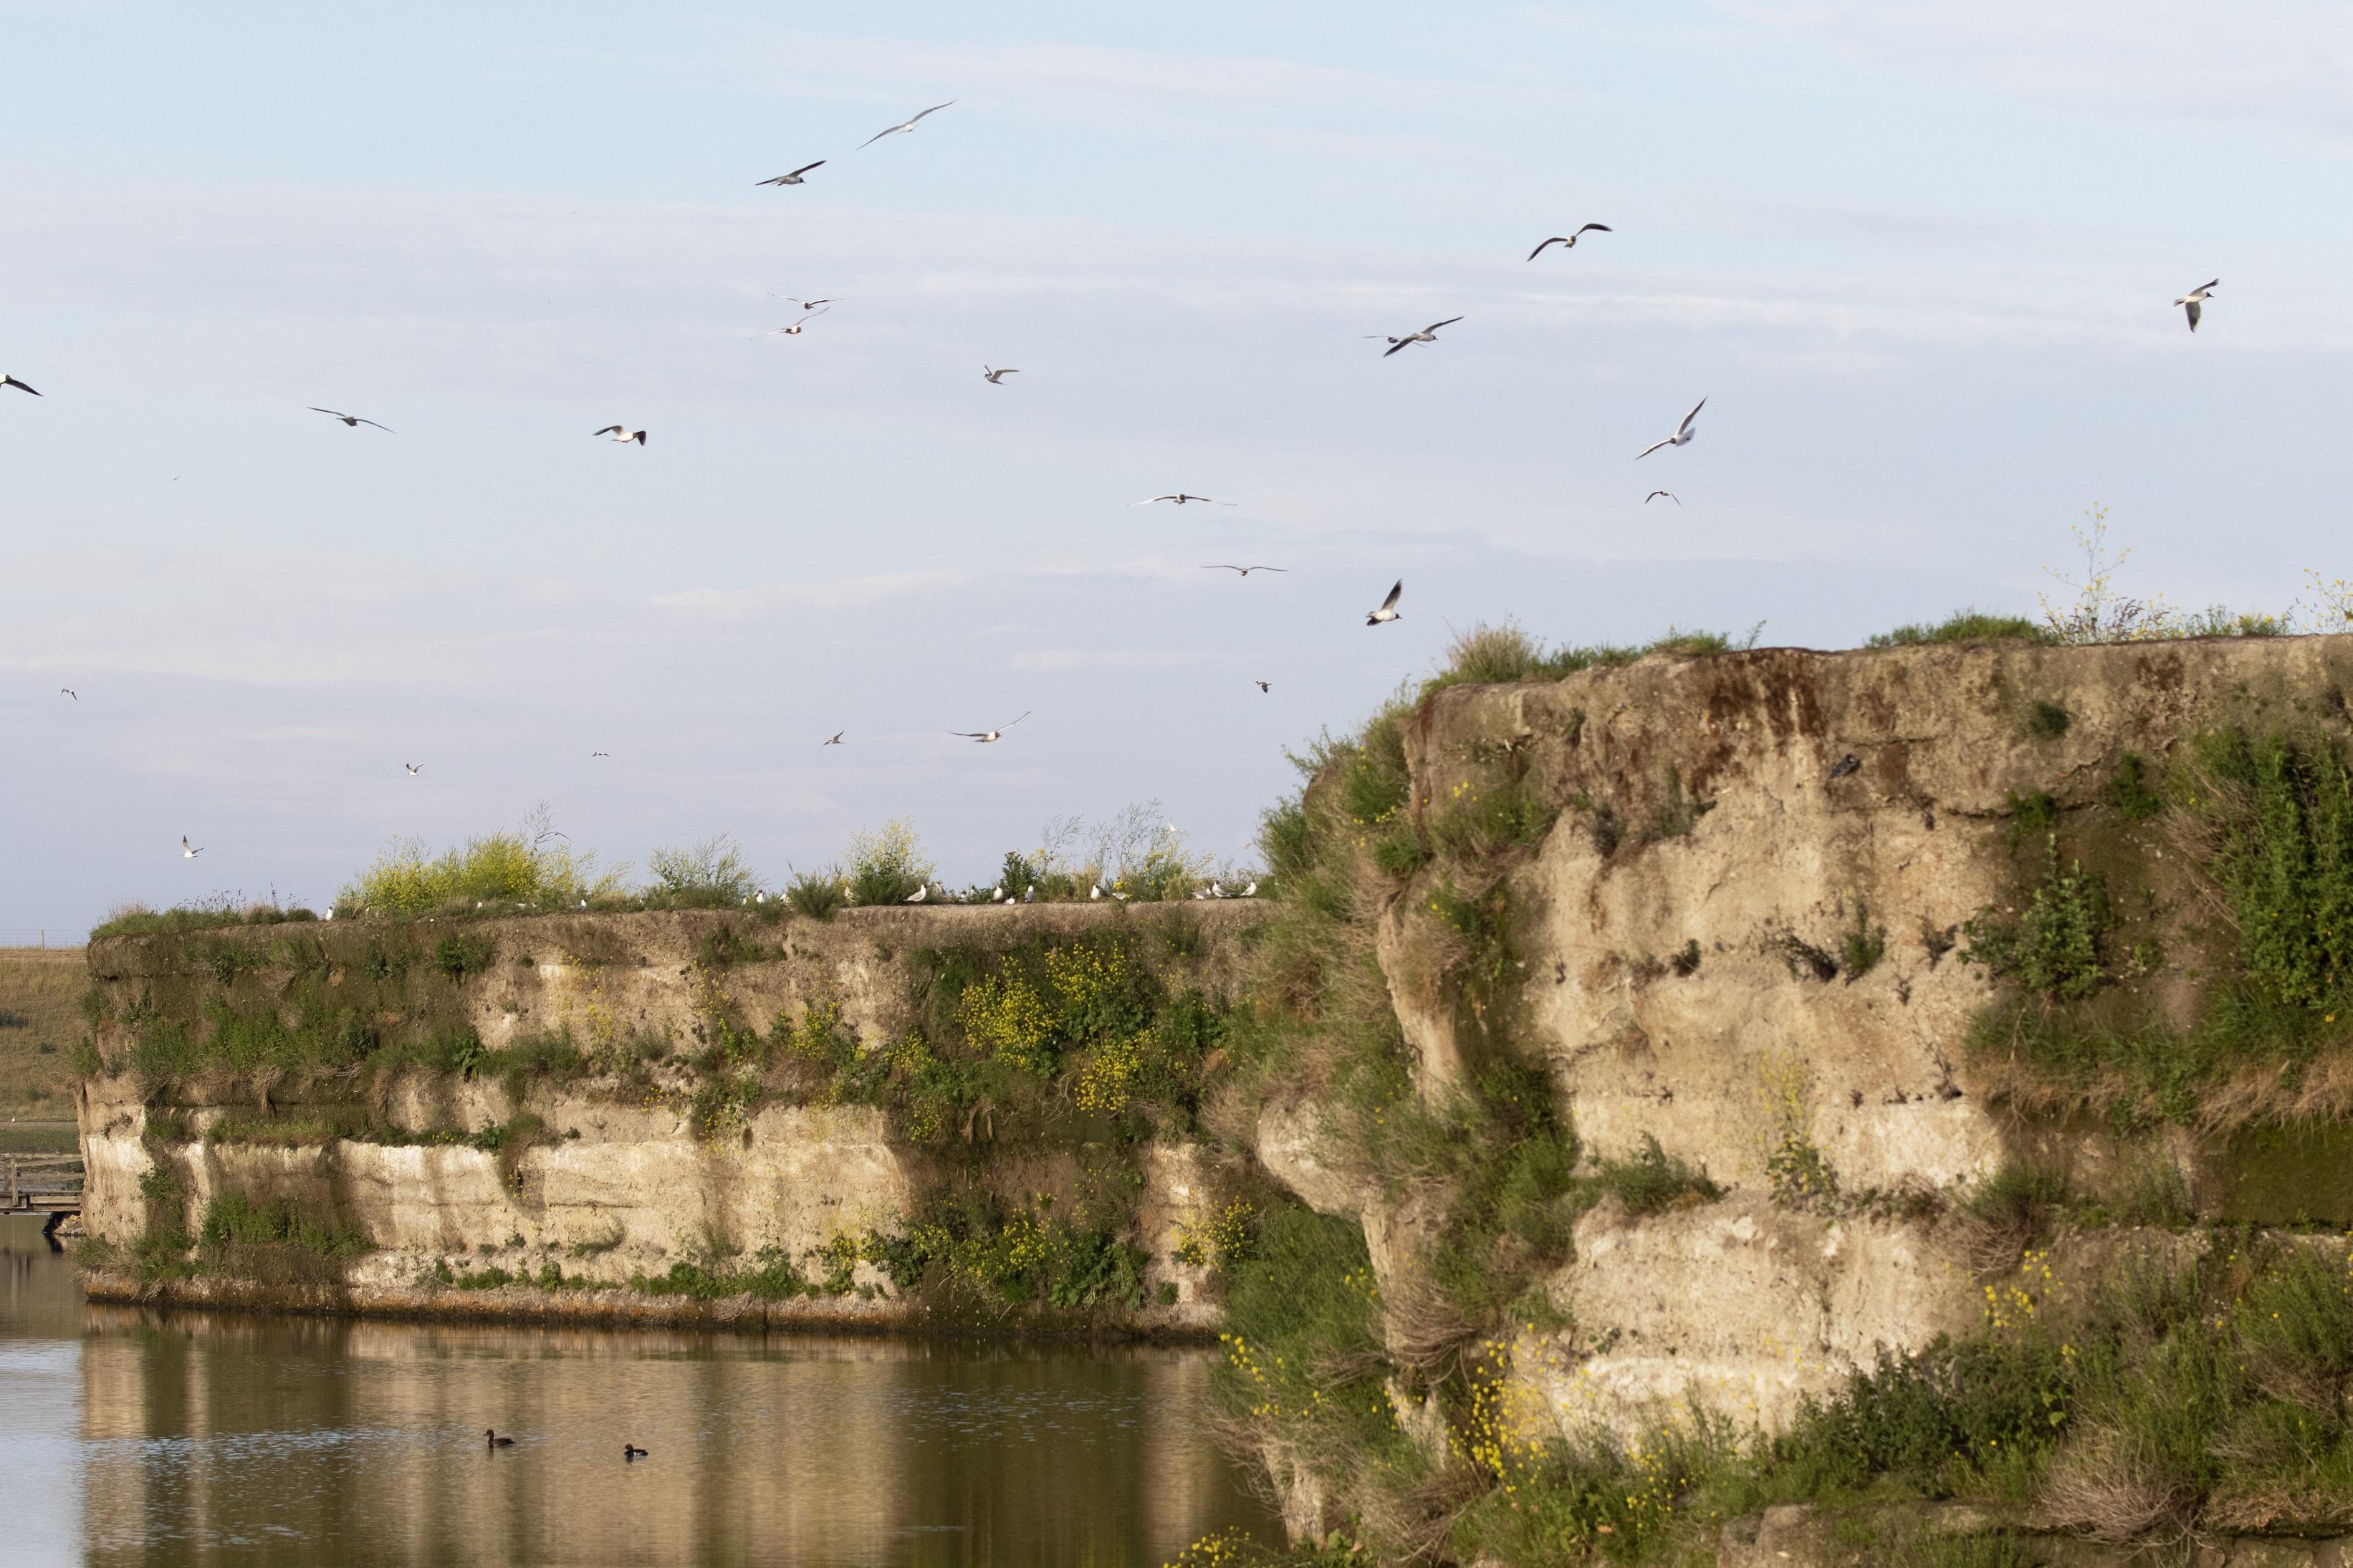 Oude brandtrap wordt karkas van uitkijktoren bij de enige vogelrots in Nederland. Op tien meter hoogte genieten van onbekommerd vogelleven, veilig voor de vos